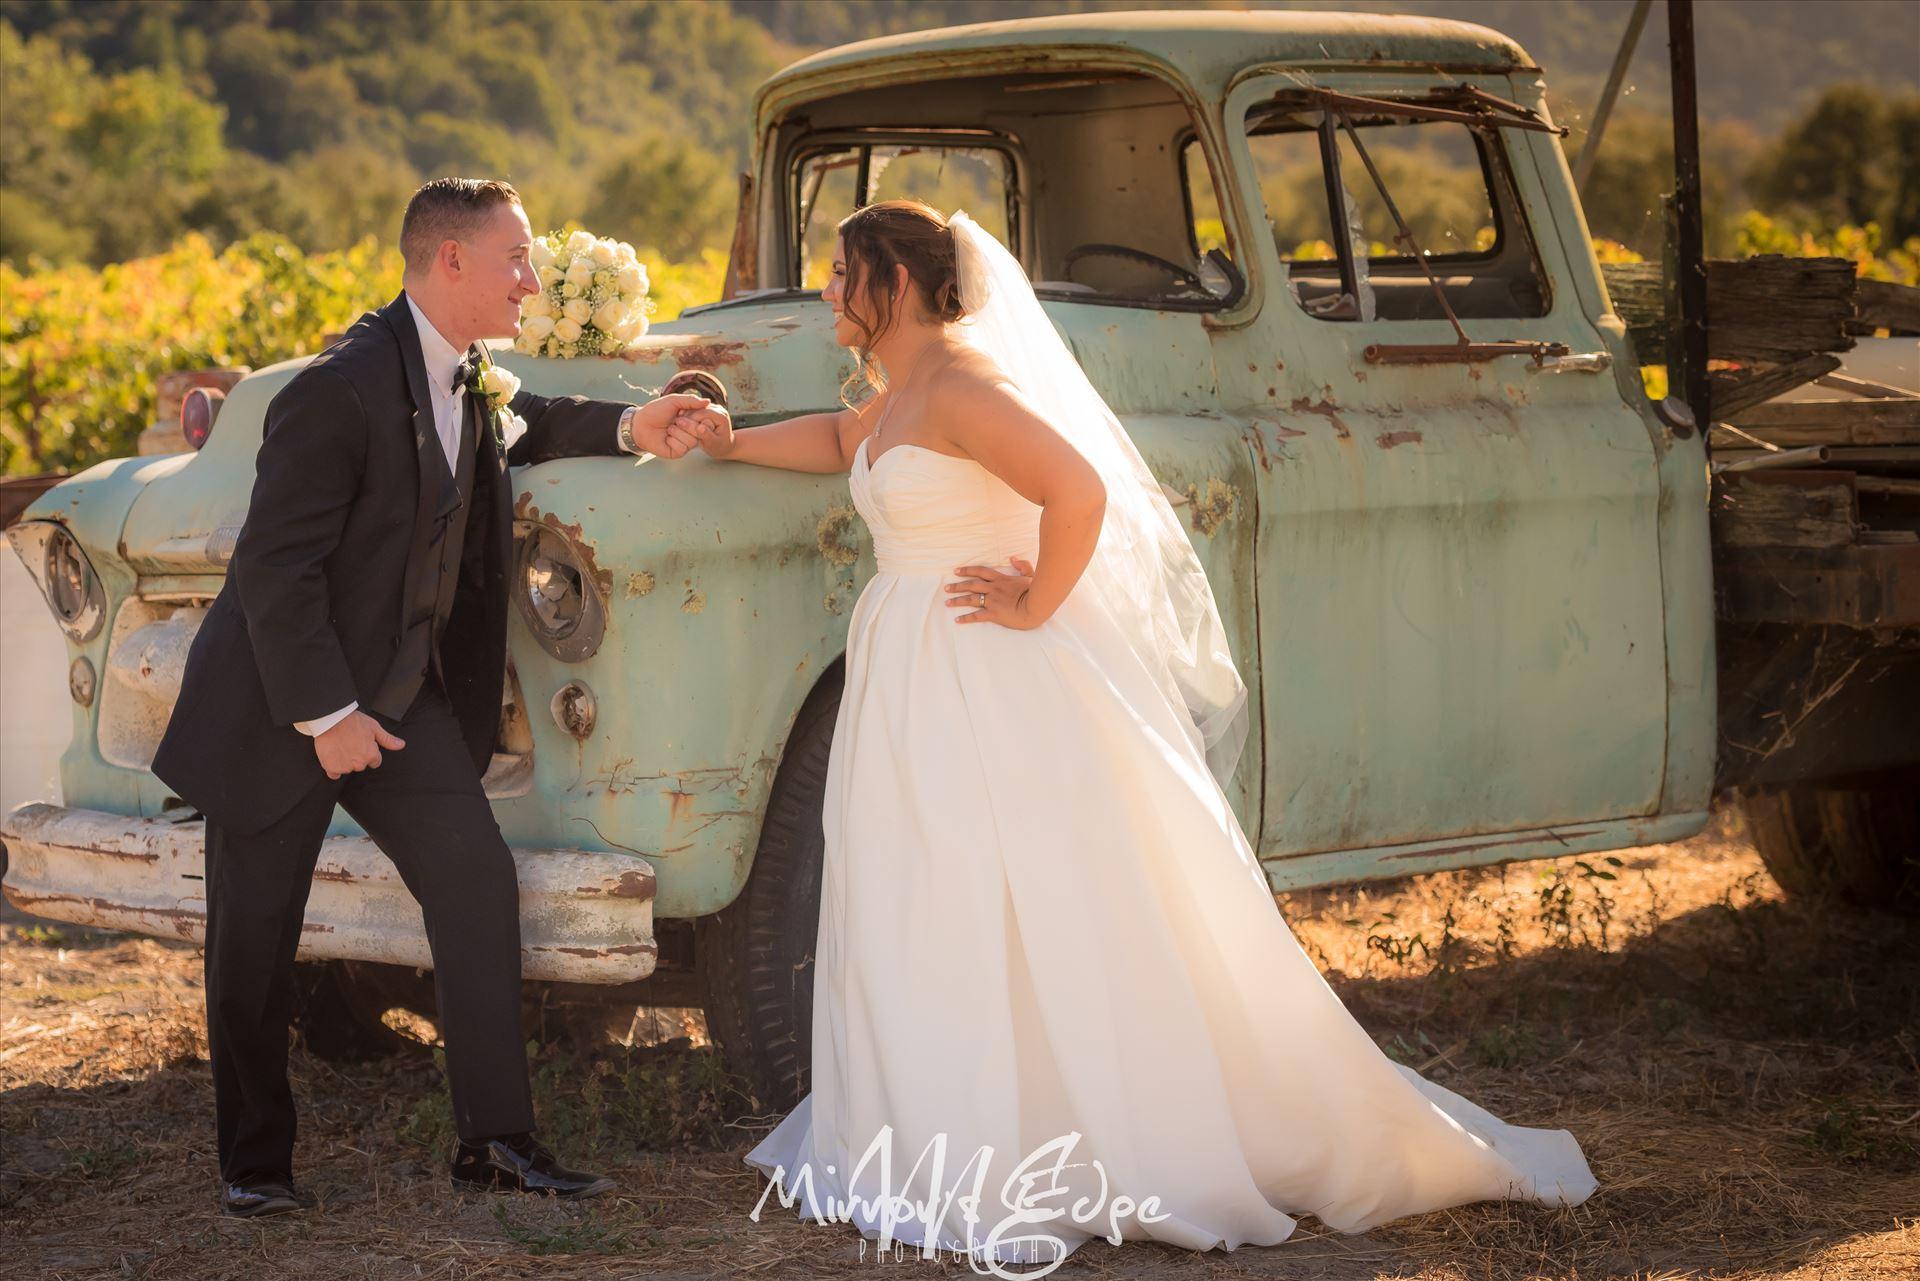 Gilroy Wedding Photography 14Mirror's Edge Photography provides wedding and engagement photography for San Luis Obispo, Arroyo Grande, Pismo Beach, Avila Beach, Morro Bay and surrounding Central Coast locations